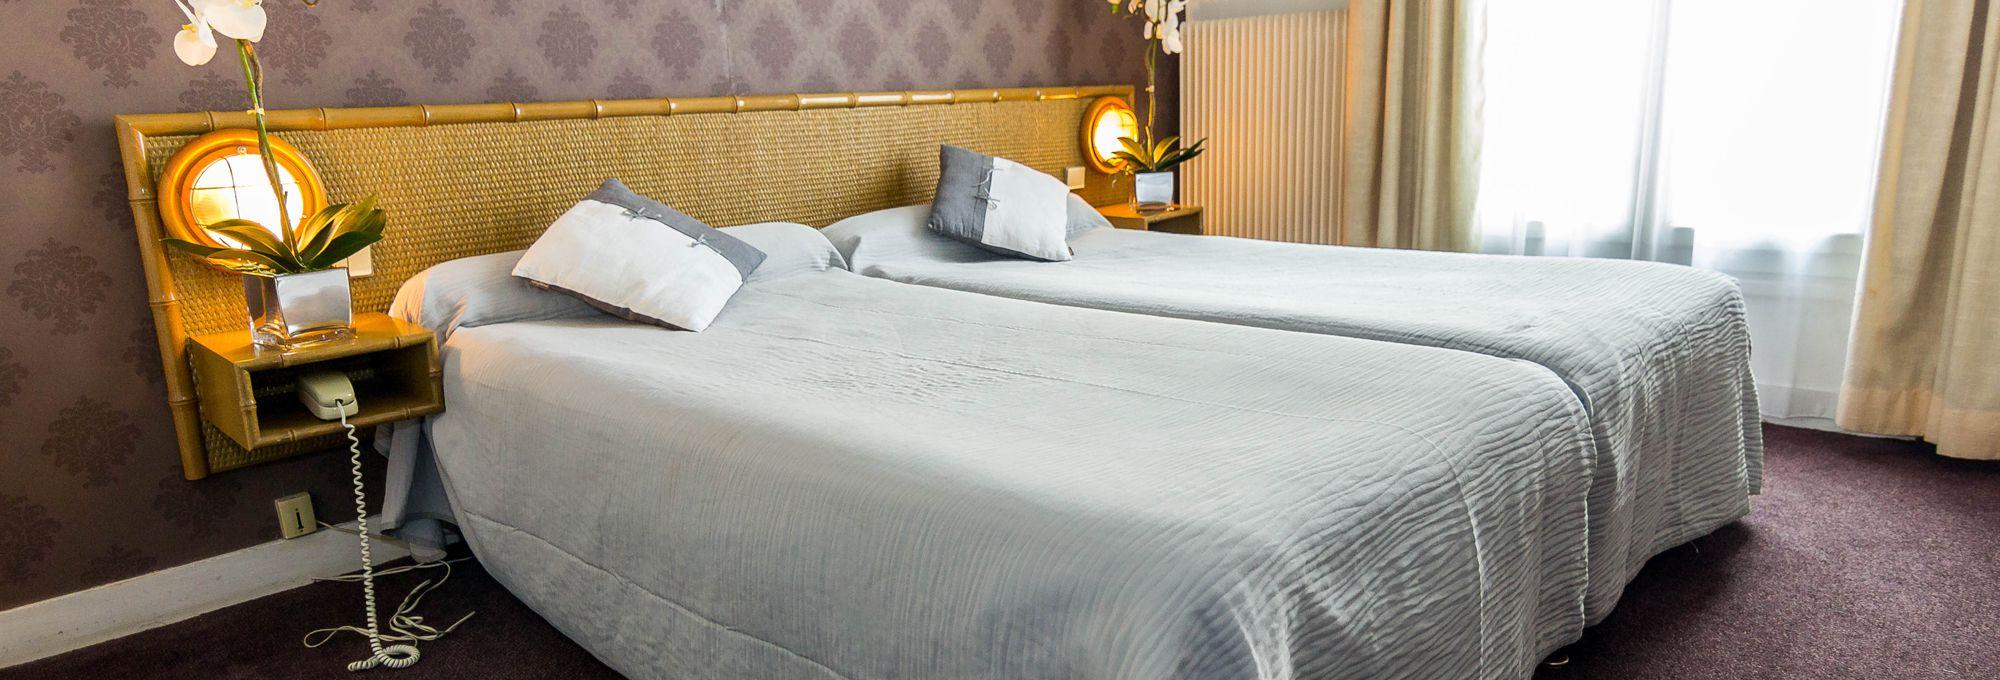 Brit Hotel ABC Champerret - Paris Levallois